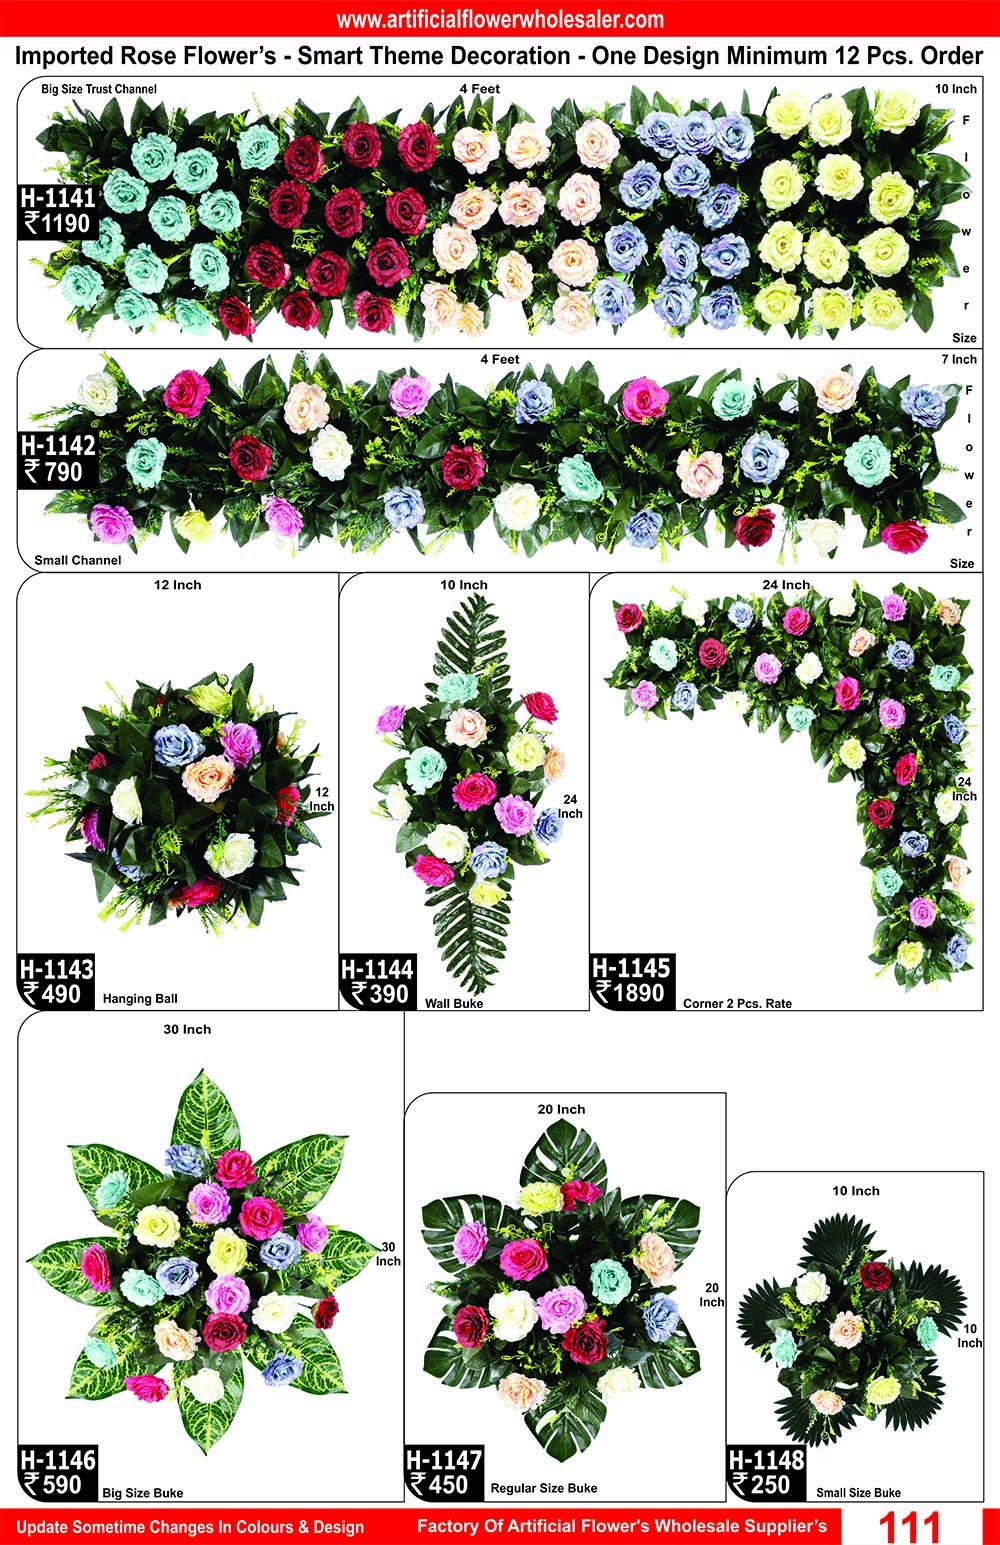 111-artificial-flower-wholesaler